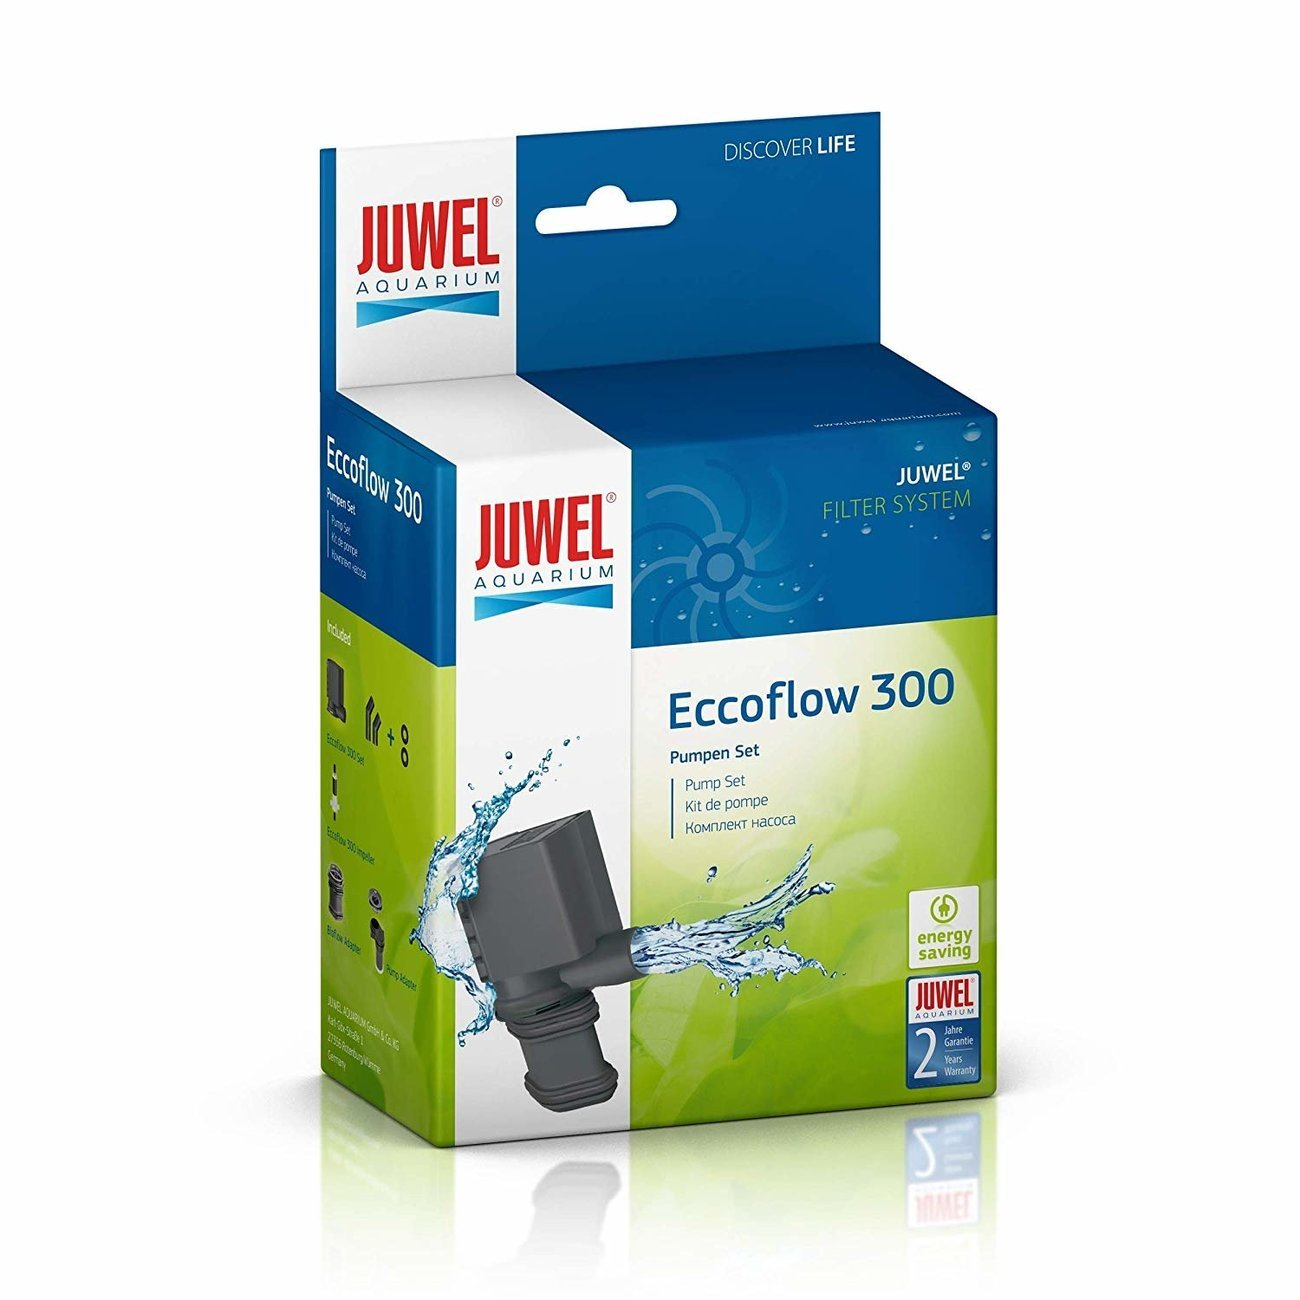 Juwel Eccoflow Pumpe, Bild 14